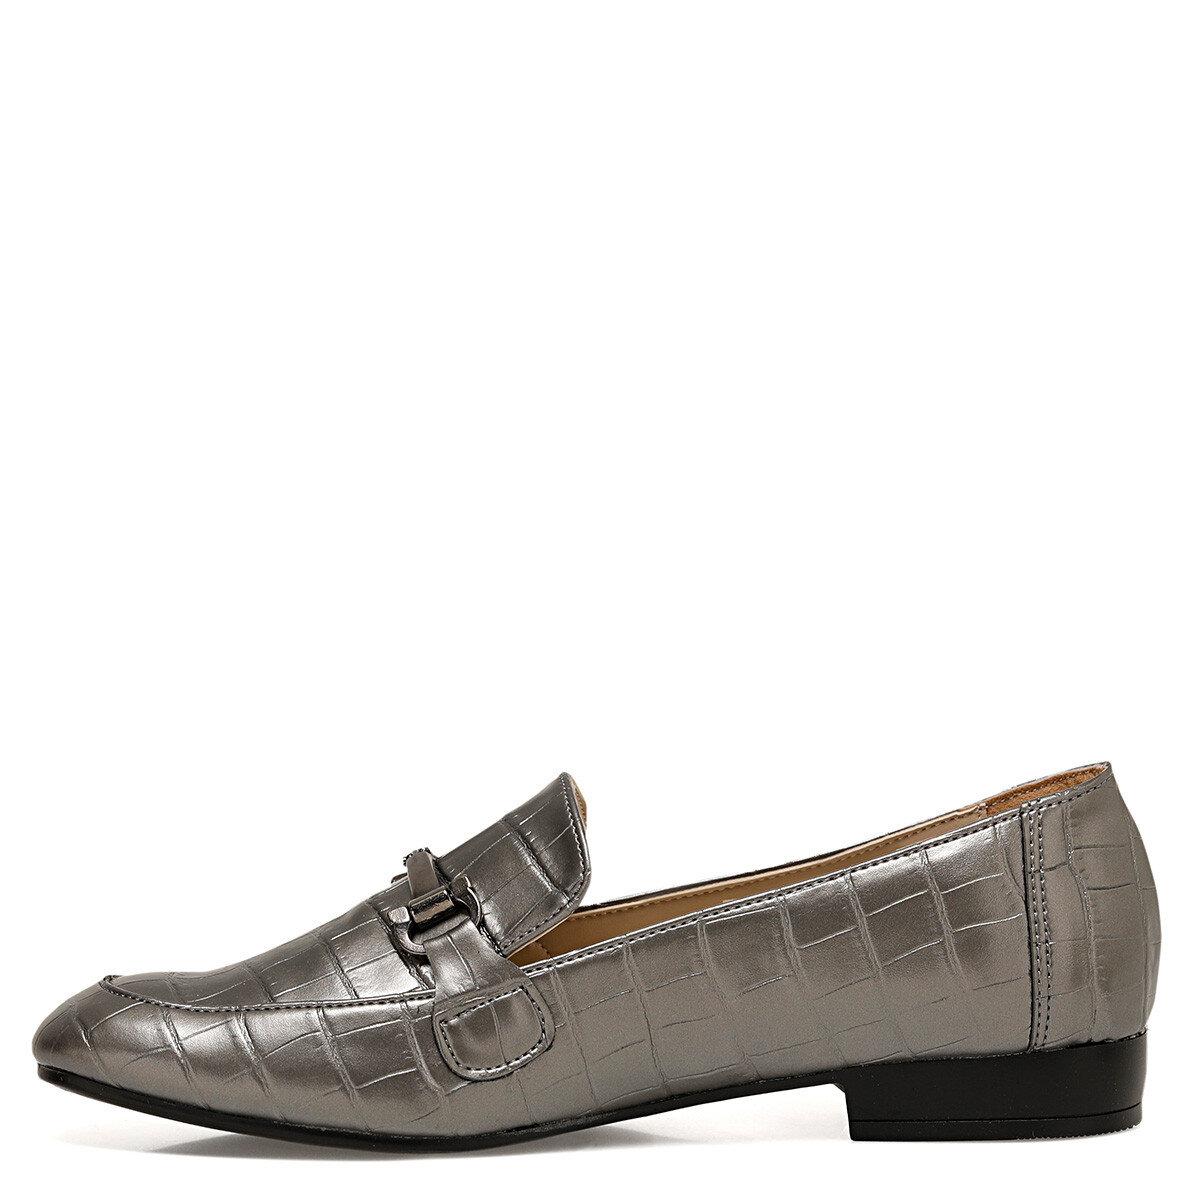 KOMI CELIK Kadın Loafer Ayakkabı